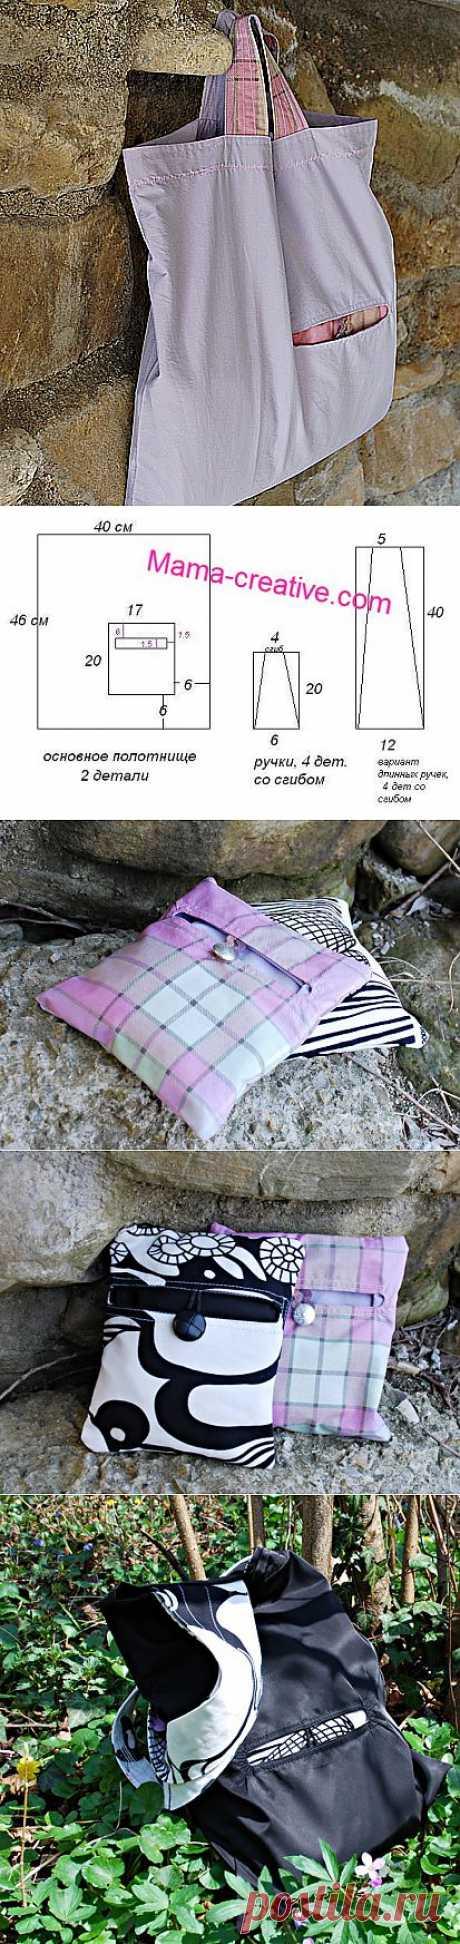 Практичная сумка, которая складывается в карман | СДЕЛАЙ САМ!